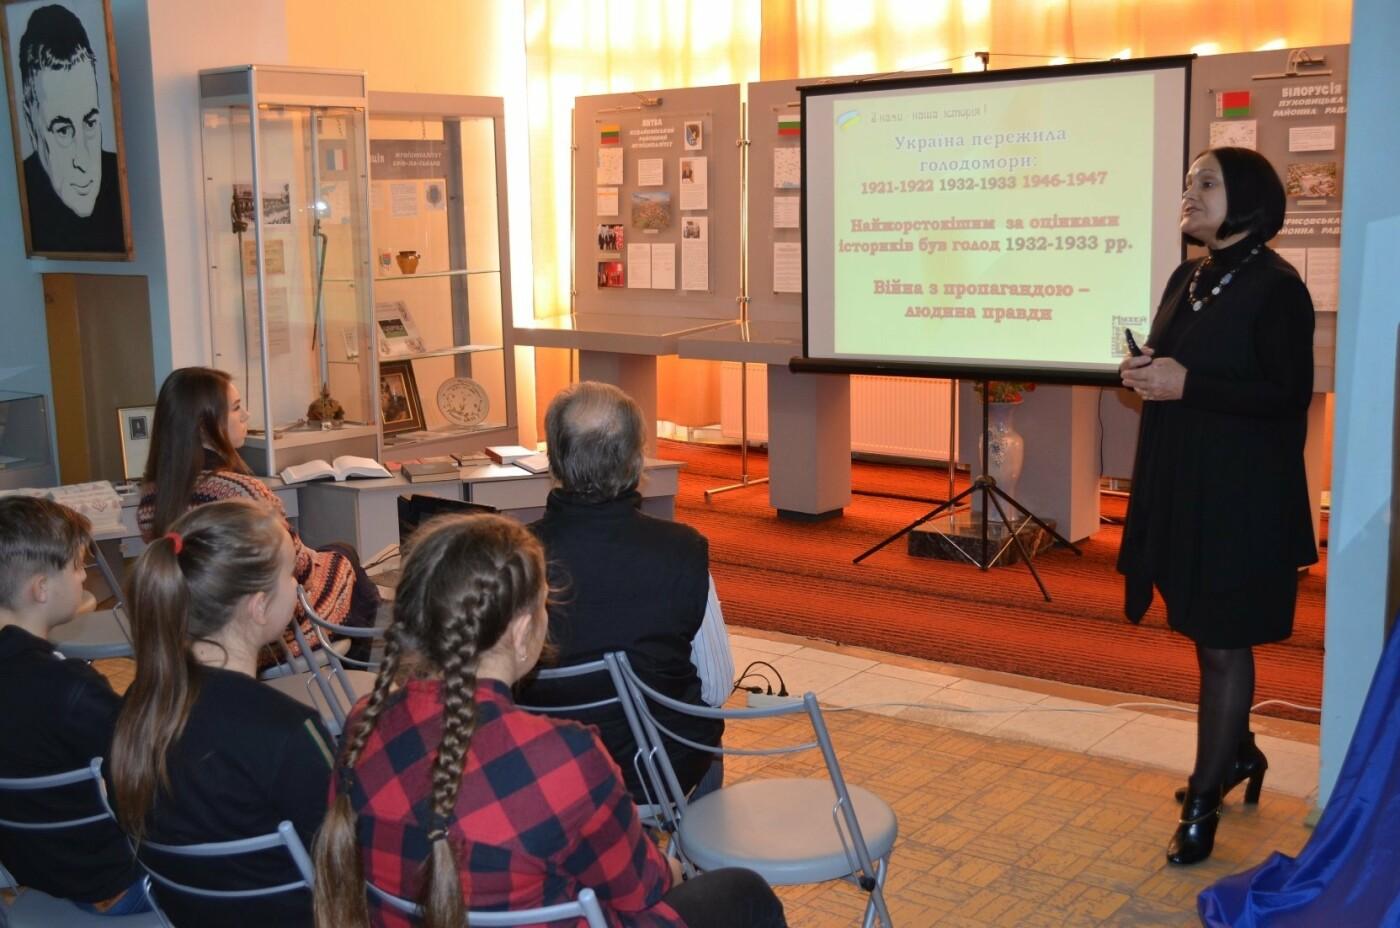 Мелитопольские школьники почтили память жертв Голодомора , фото-5, Фото Мелитопольского краеведческого музея